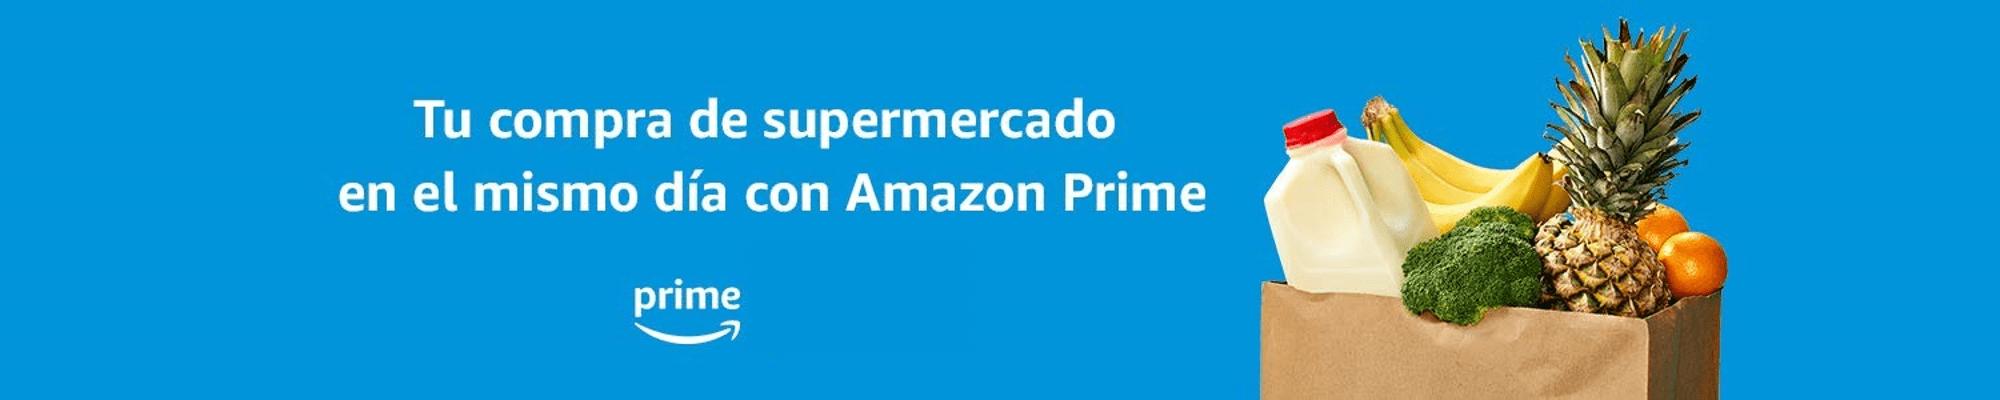 Tu compra de supermercado en el mismo día con Amazon Prime